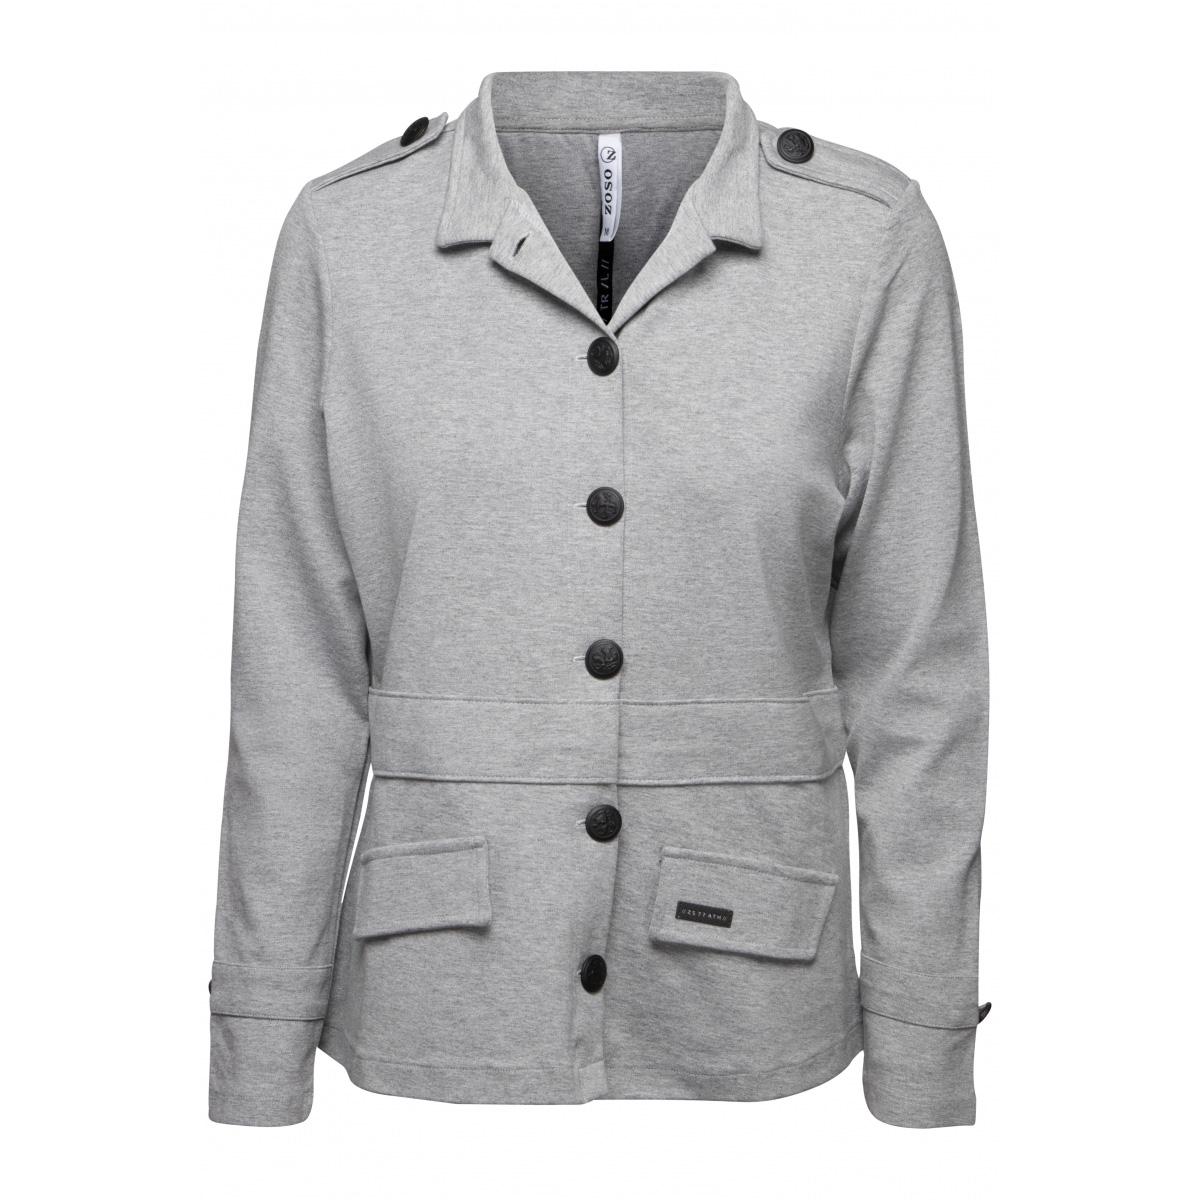 dora fancy punto jacket 194 zoso vest grey melange